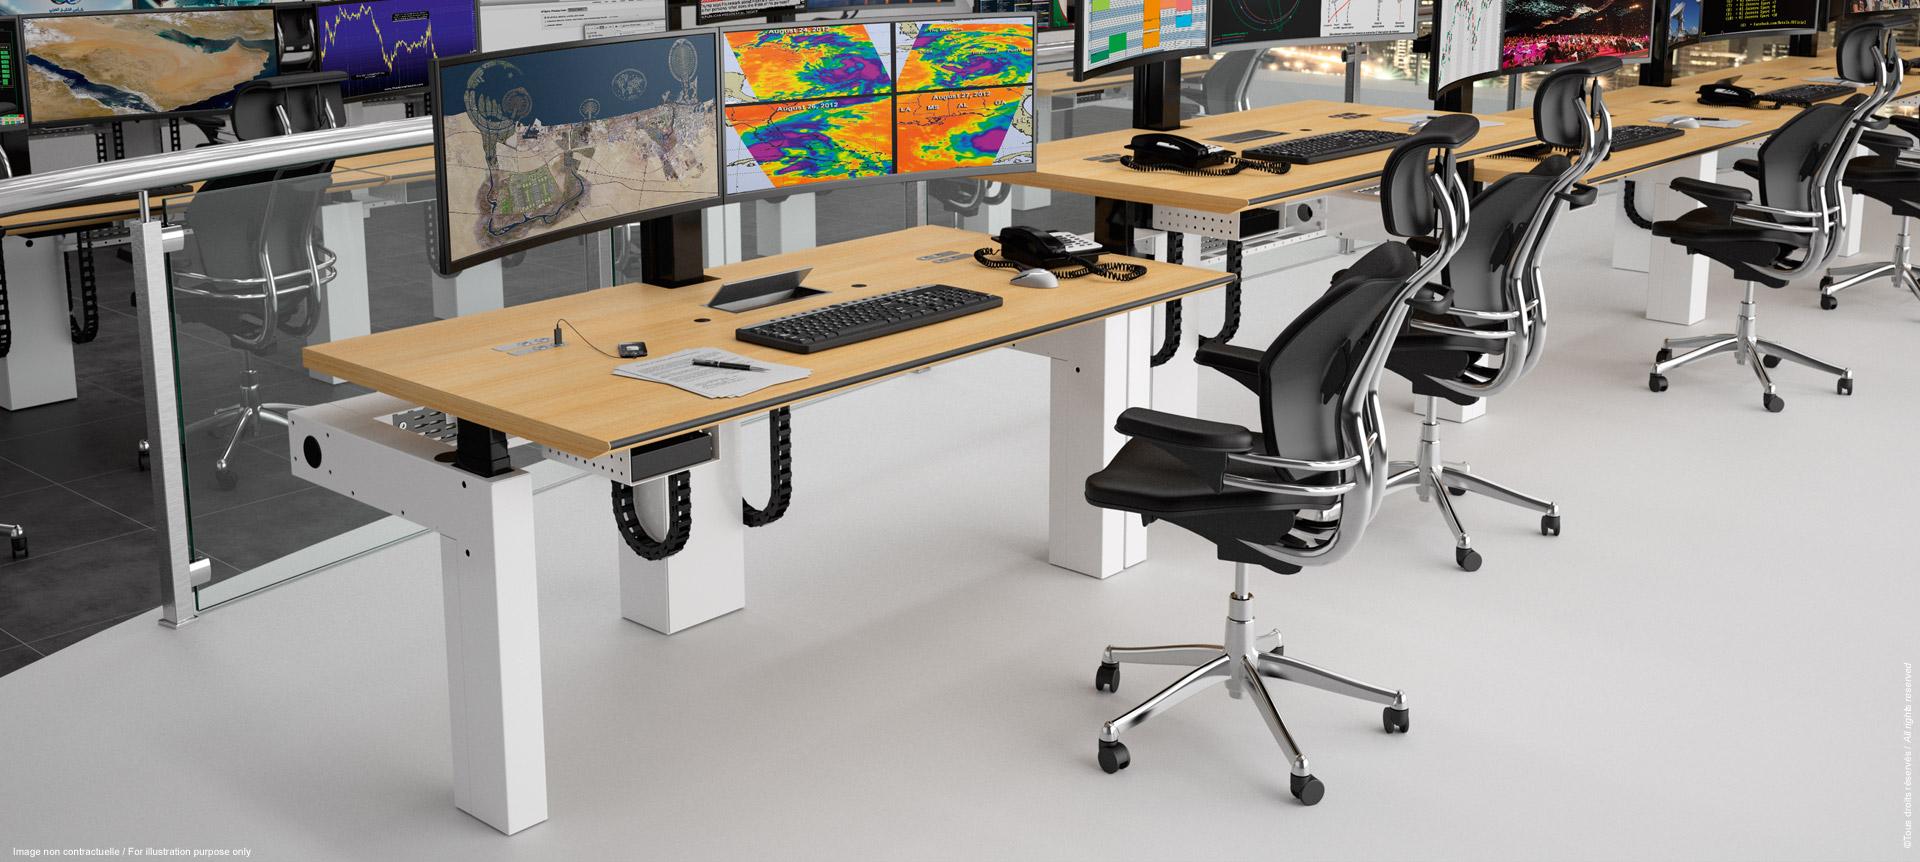 I-Kube mobilier professionnel multi-écrans